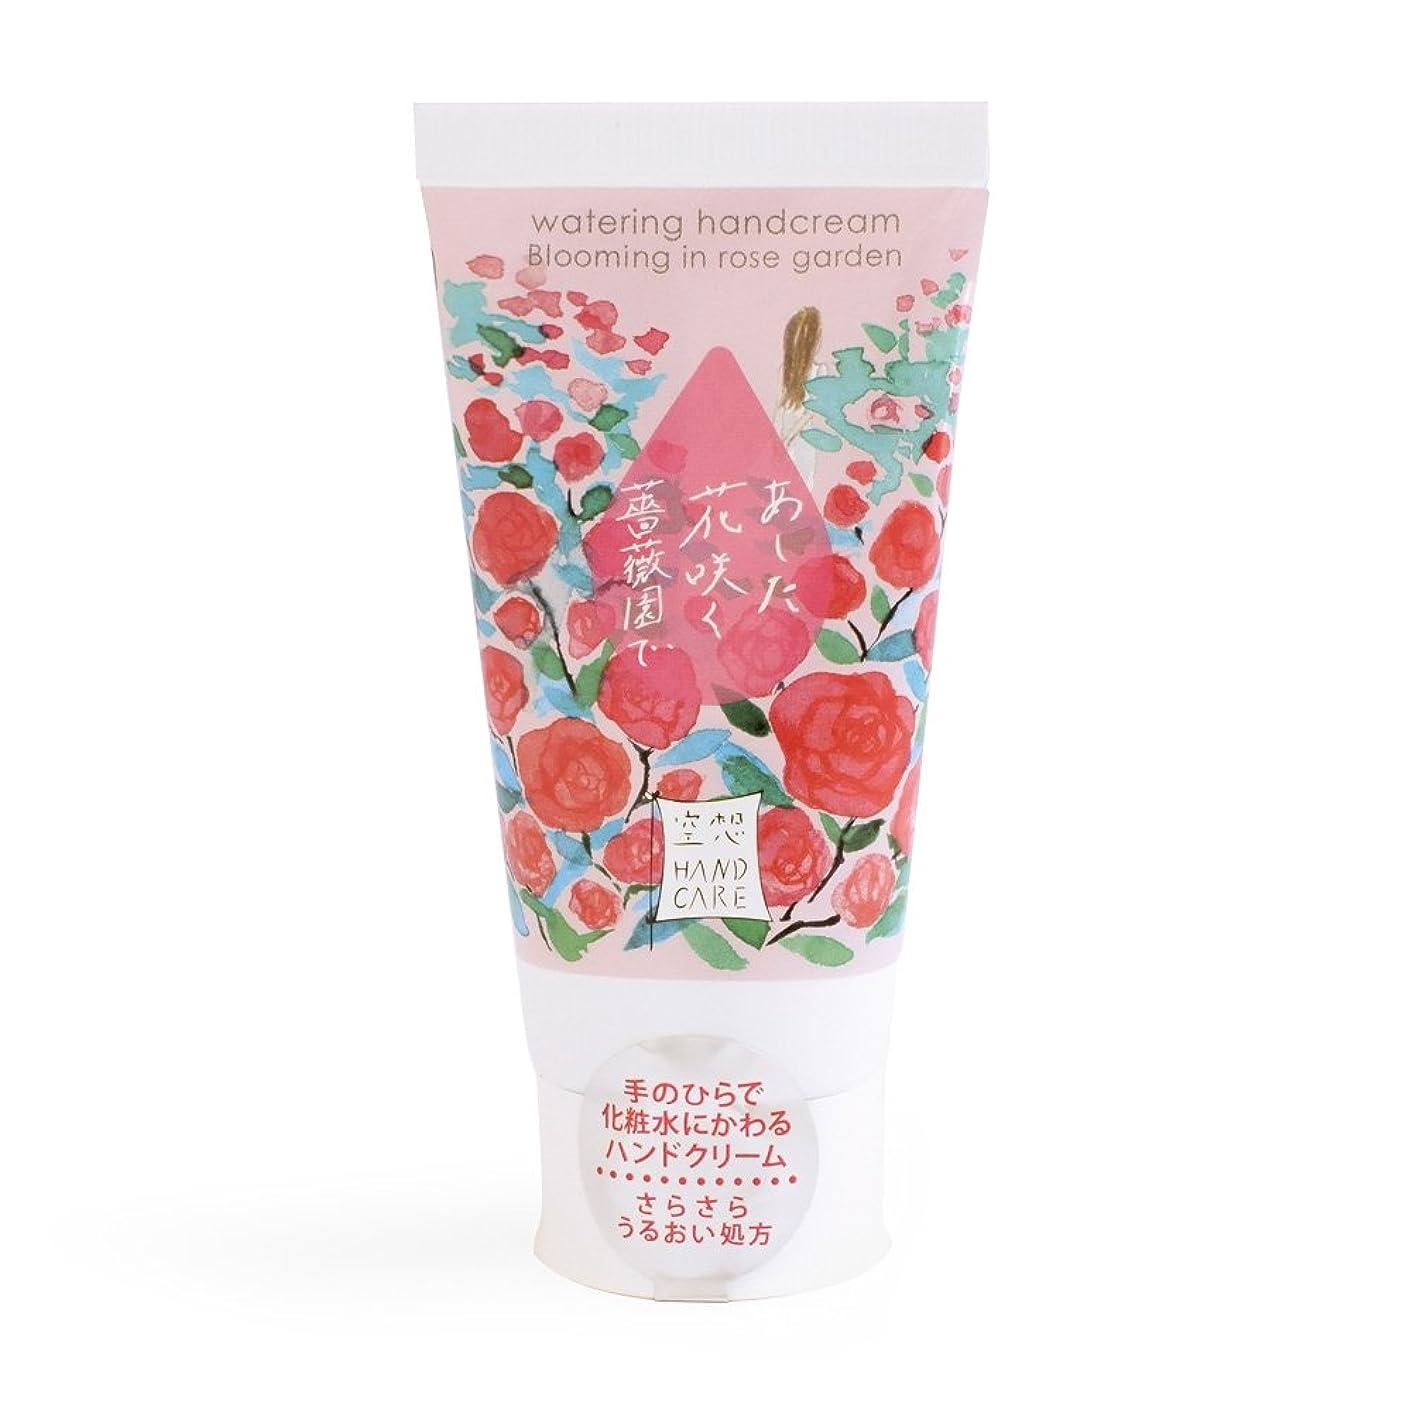 セマフォくさび批判的に空想ウォータリングハンドクリーム あした花咲く薔薇園で